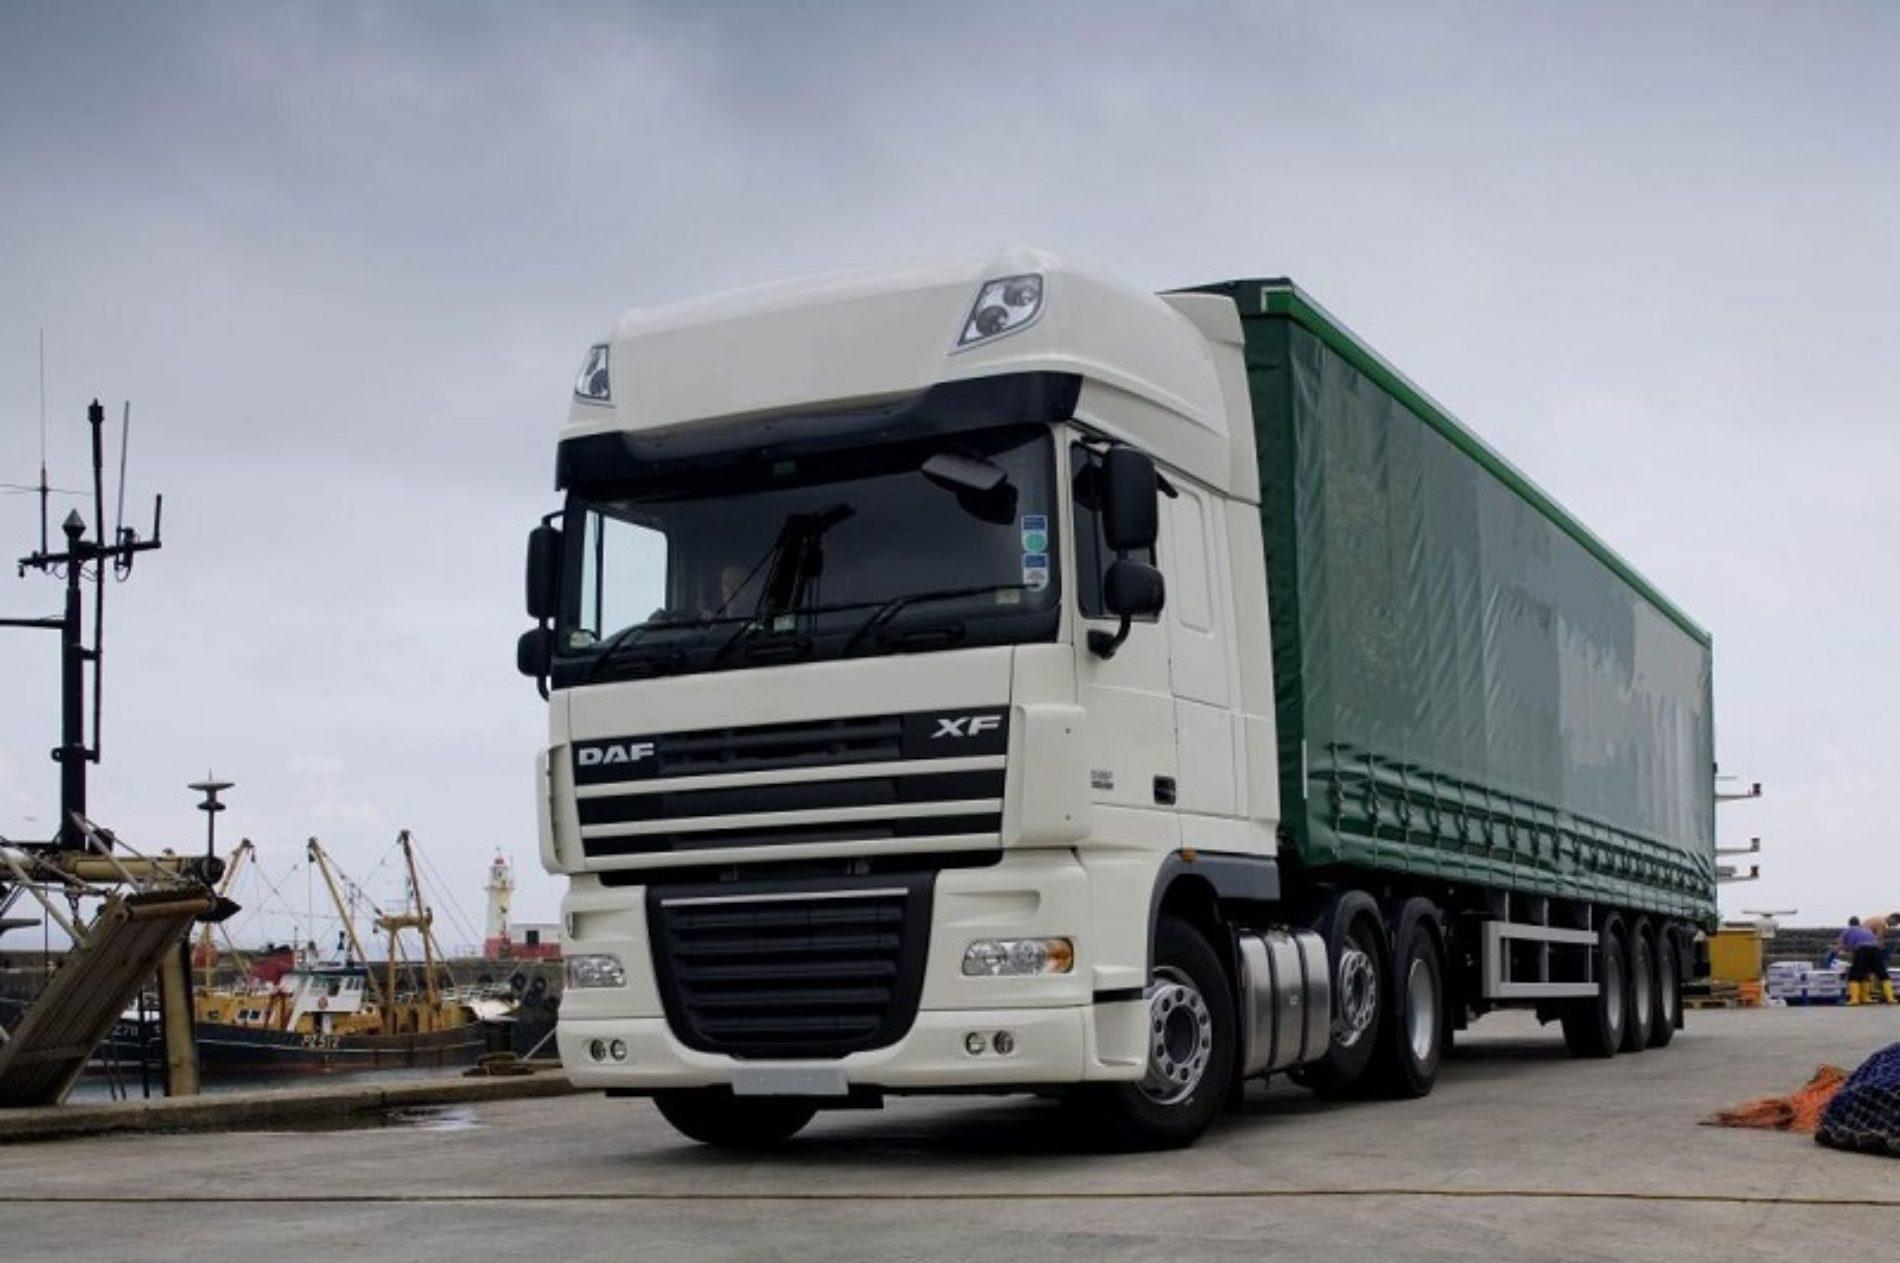 Primeiro-Ministro chama GNR e PSP para o transporte de mercadorias